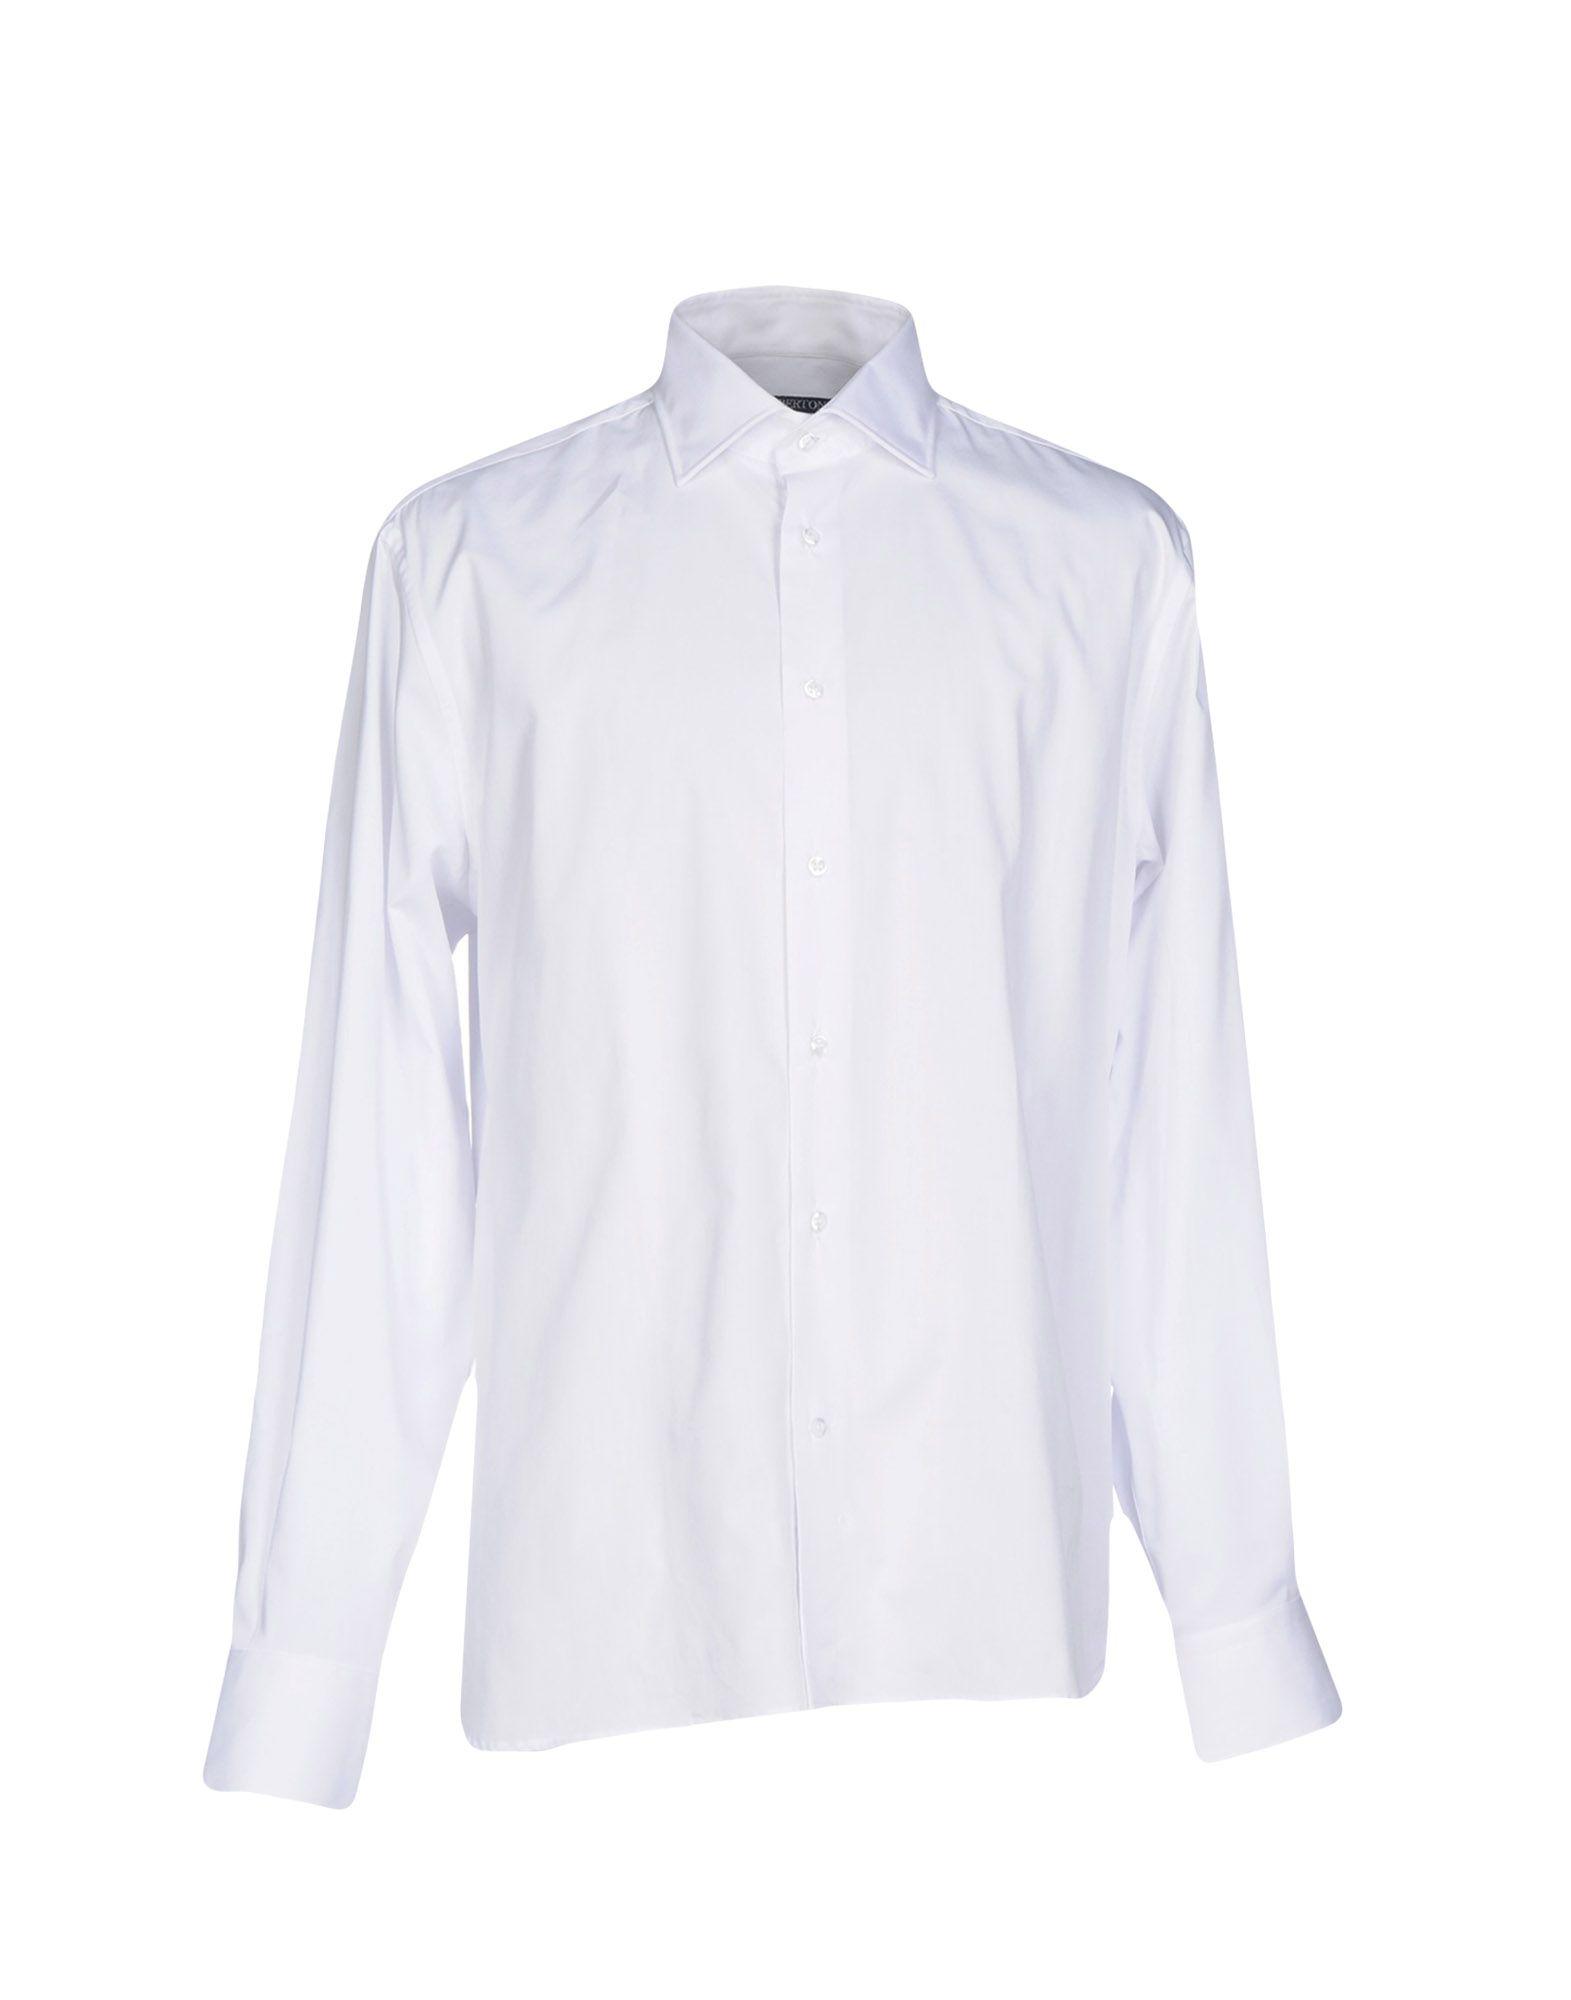 GIAN BERTONE Pубашка gian marco venturi одежда 81g01